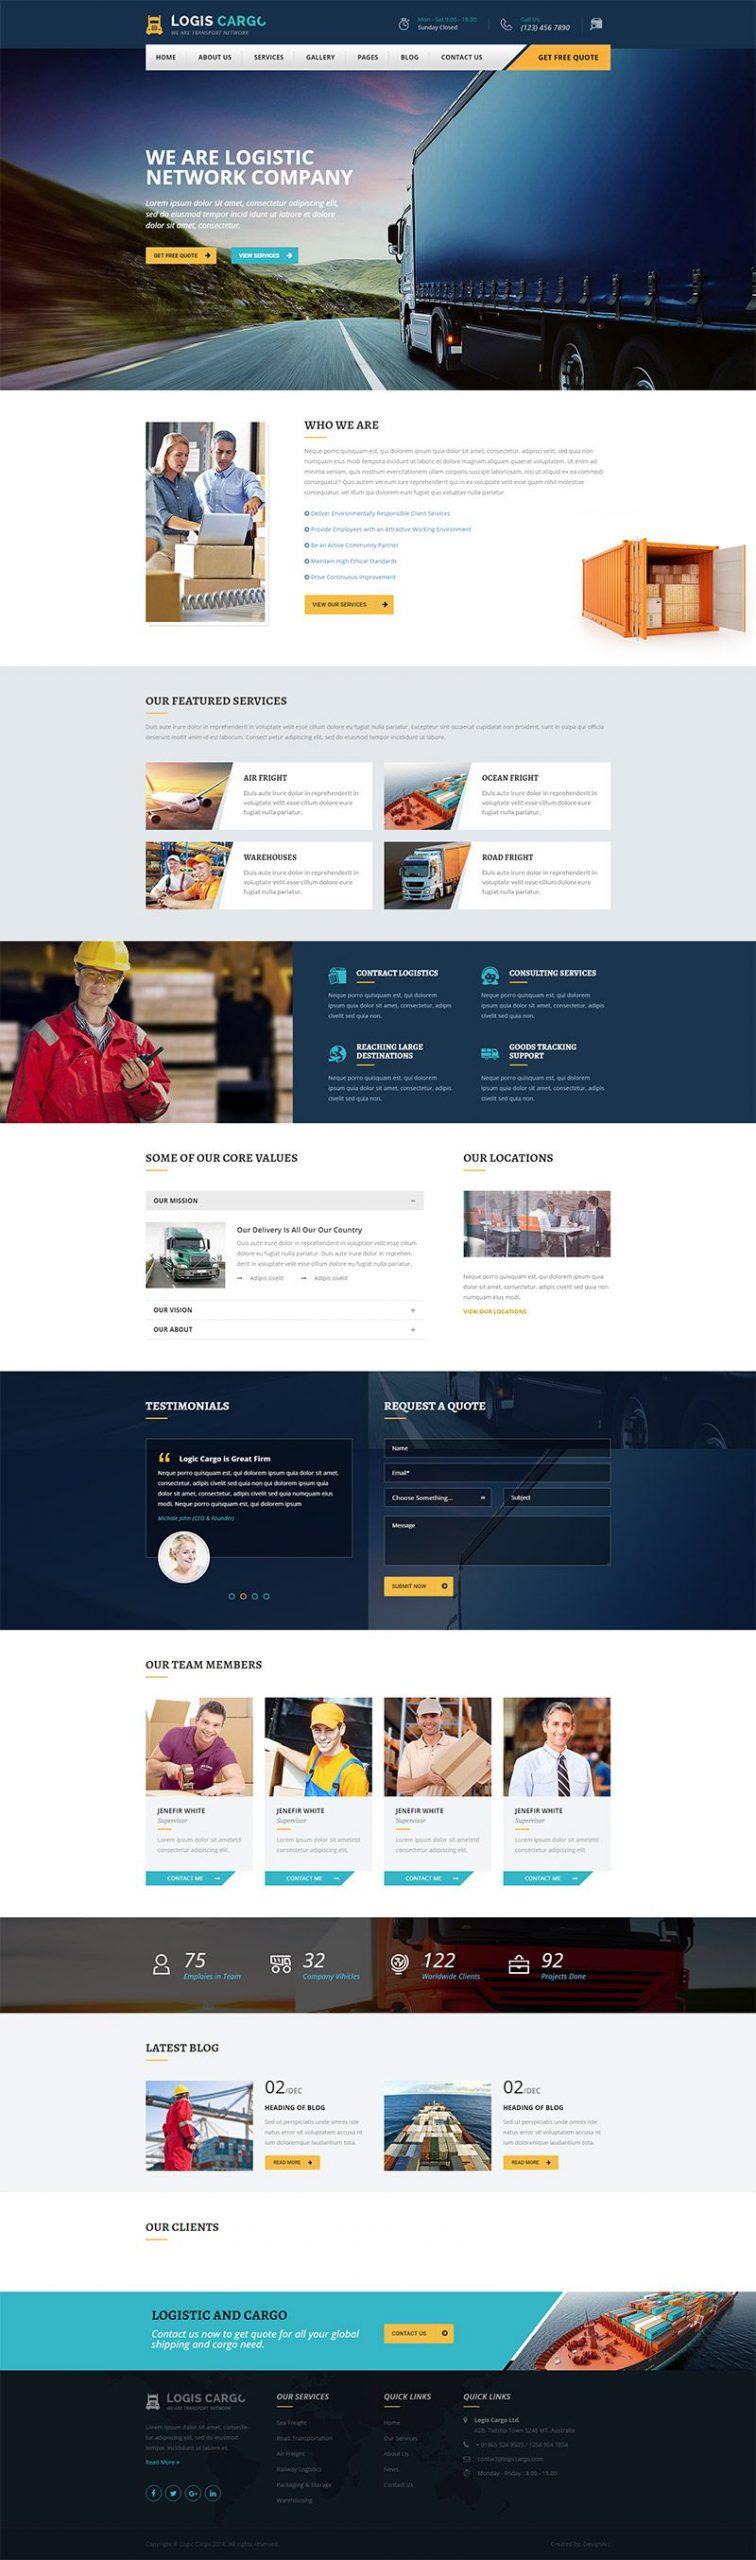 Giao diện website ô tô Logis Cargo